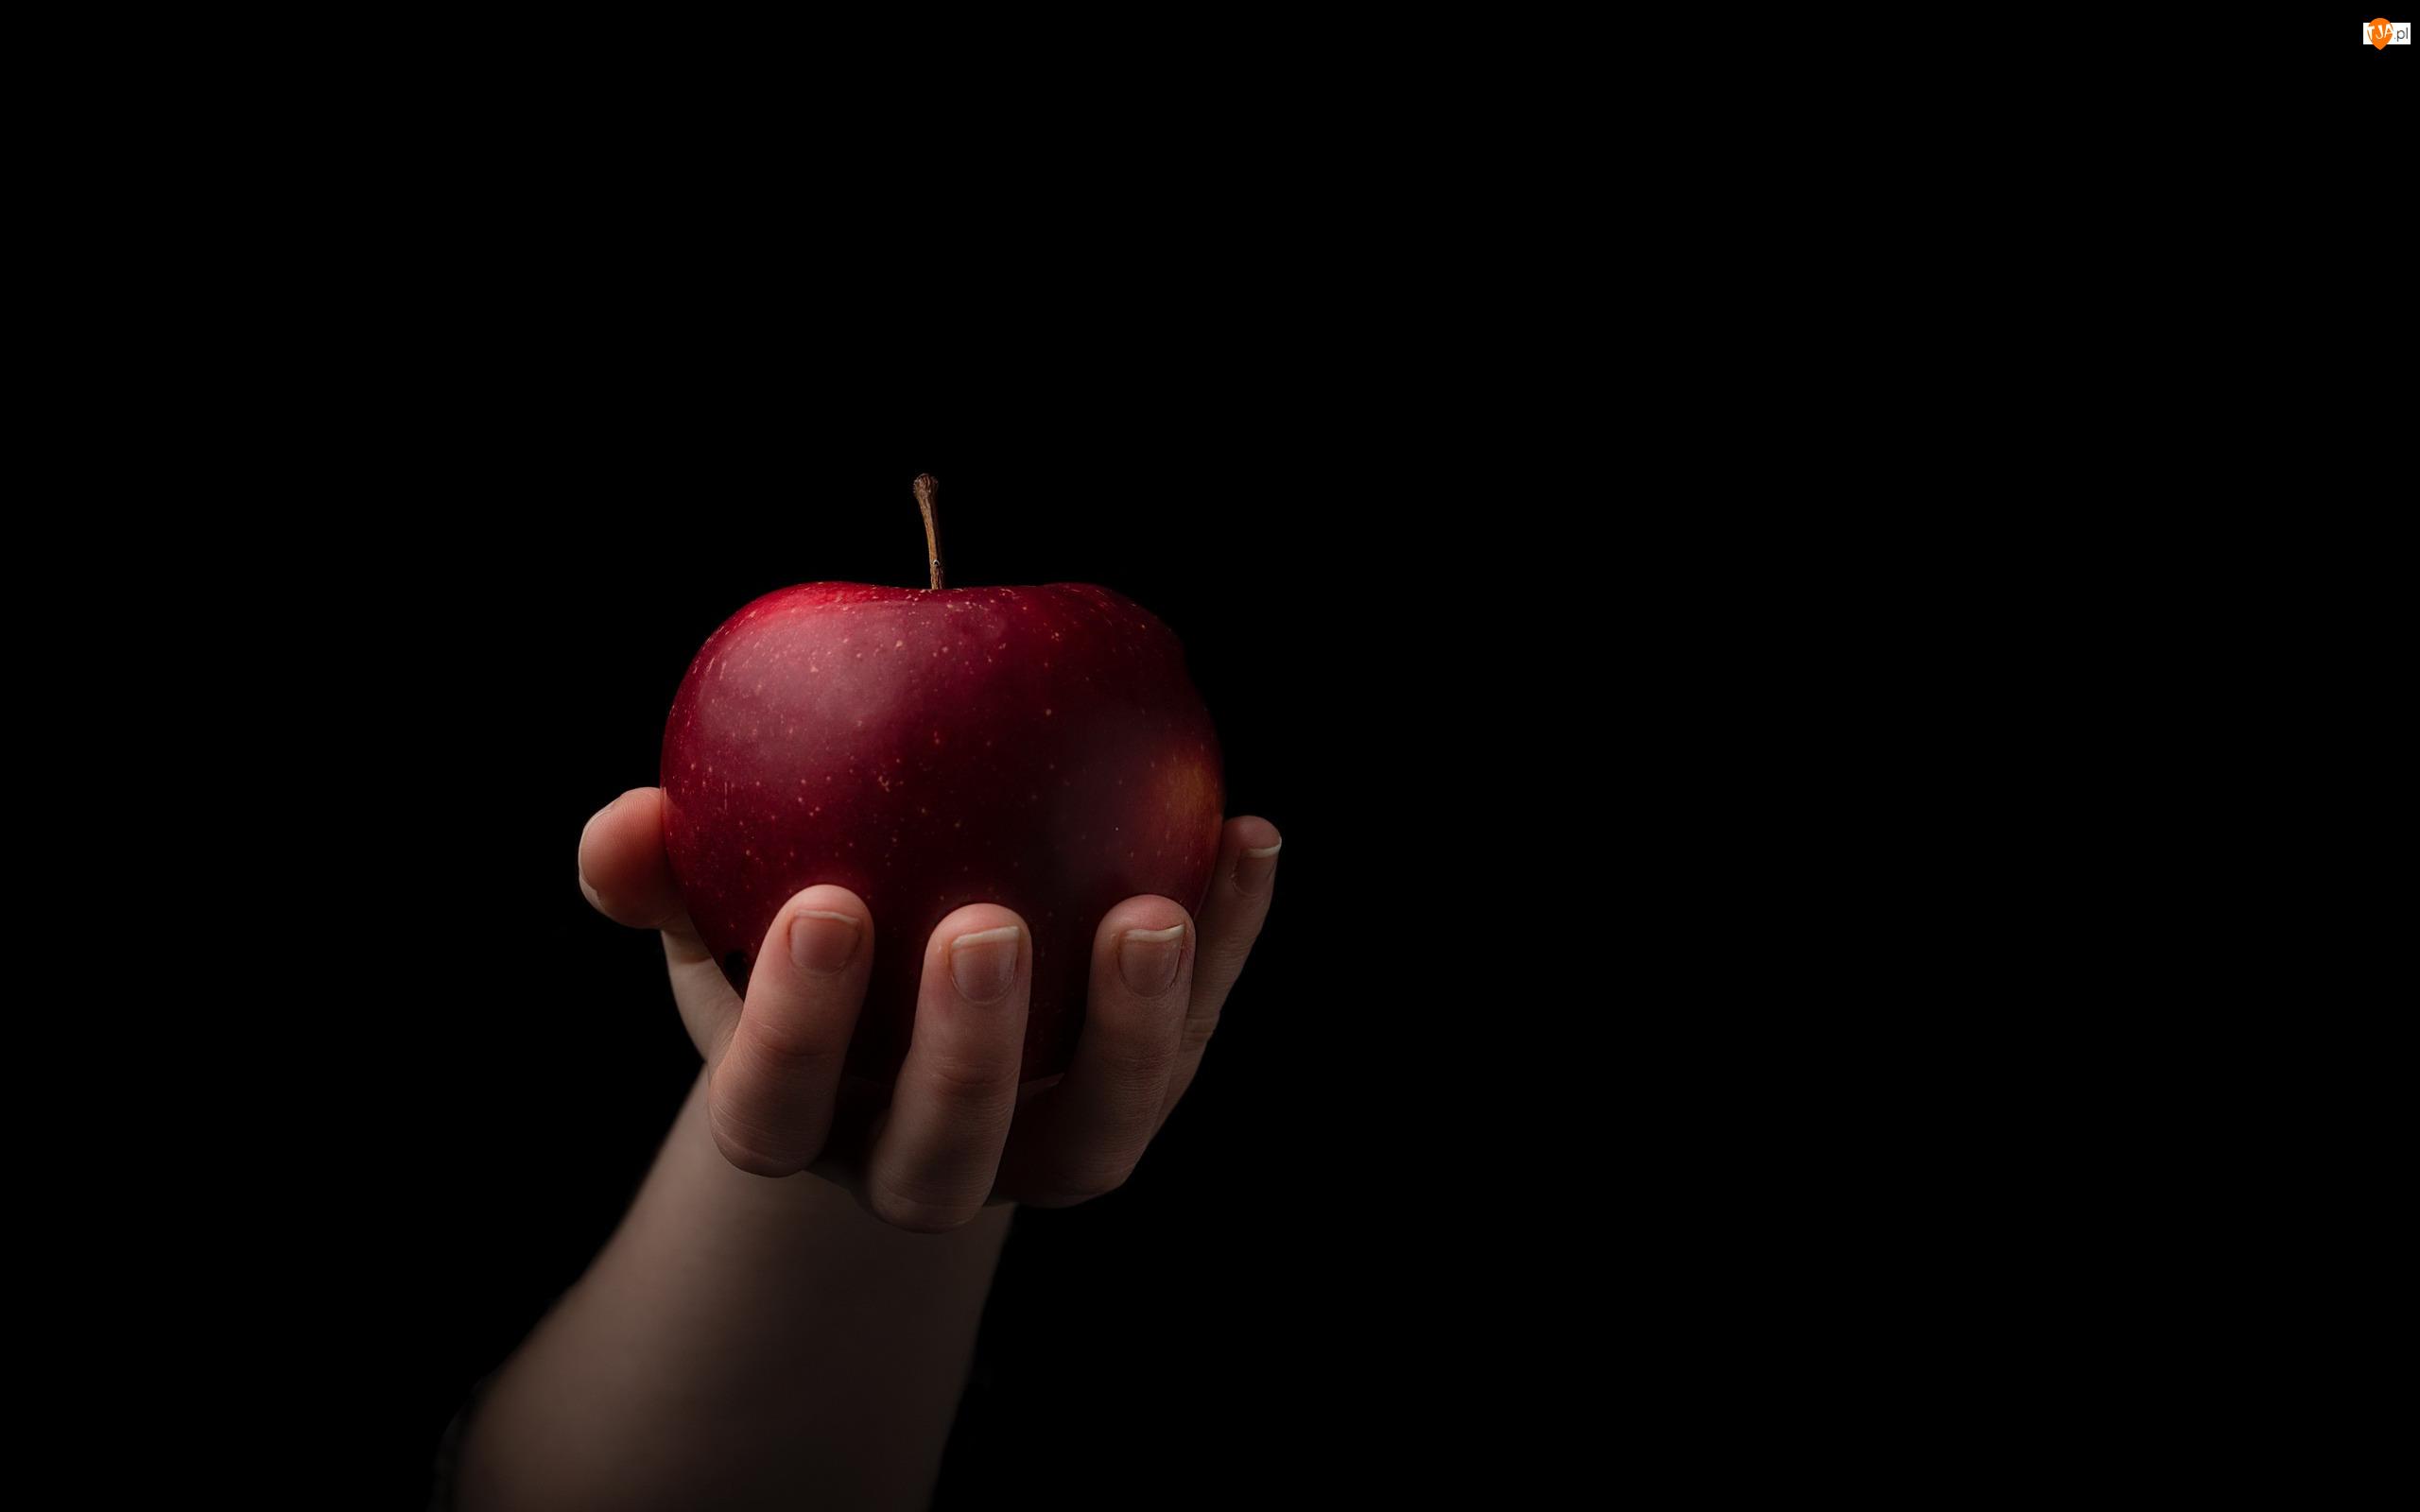 Jabłko, Tło, Czerwone, Dłoń, Czarne